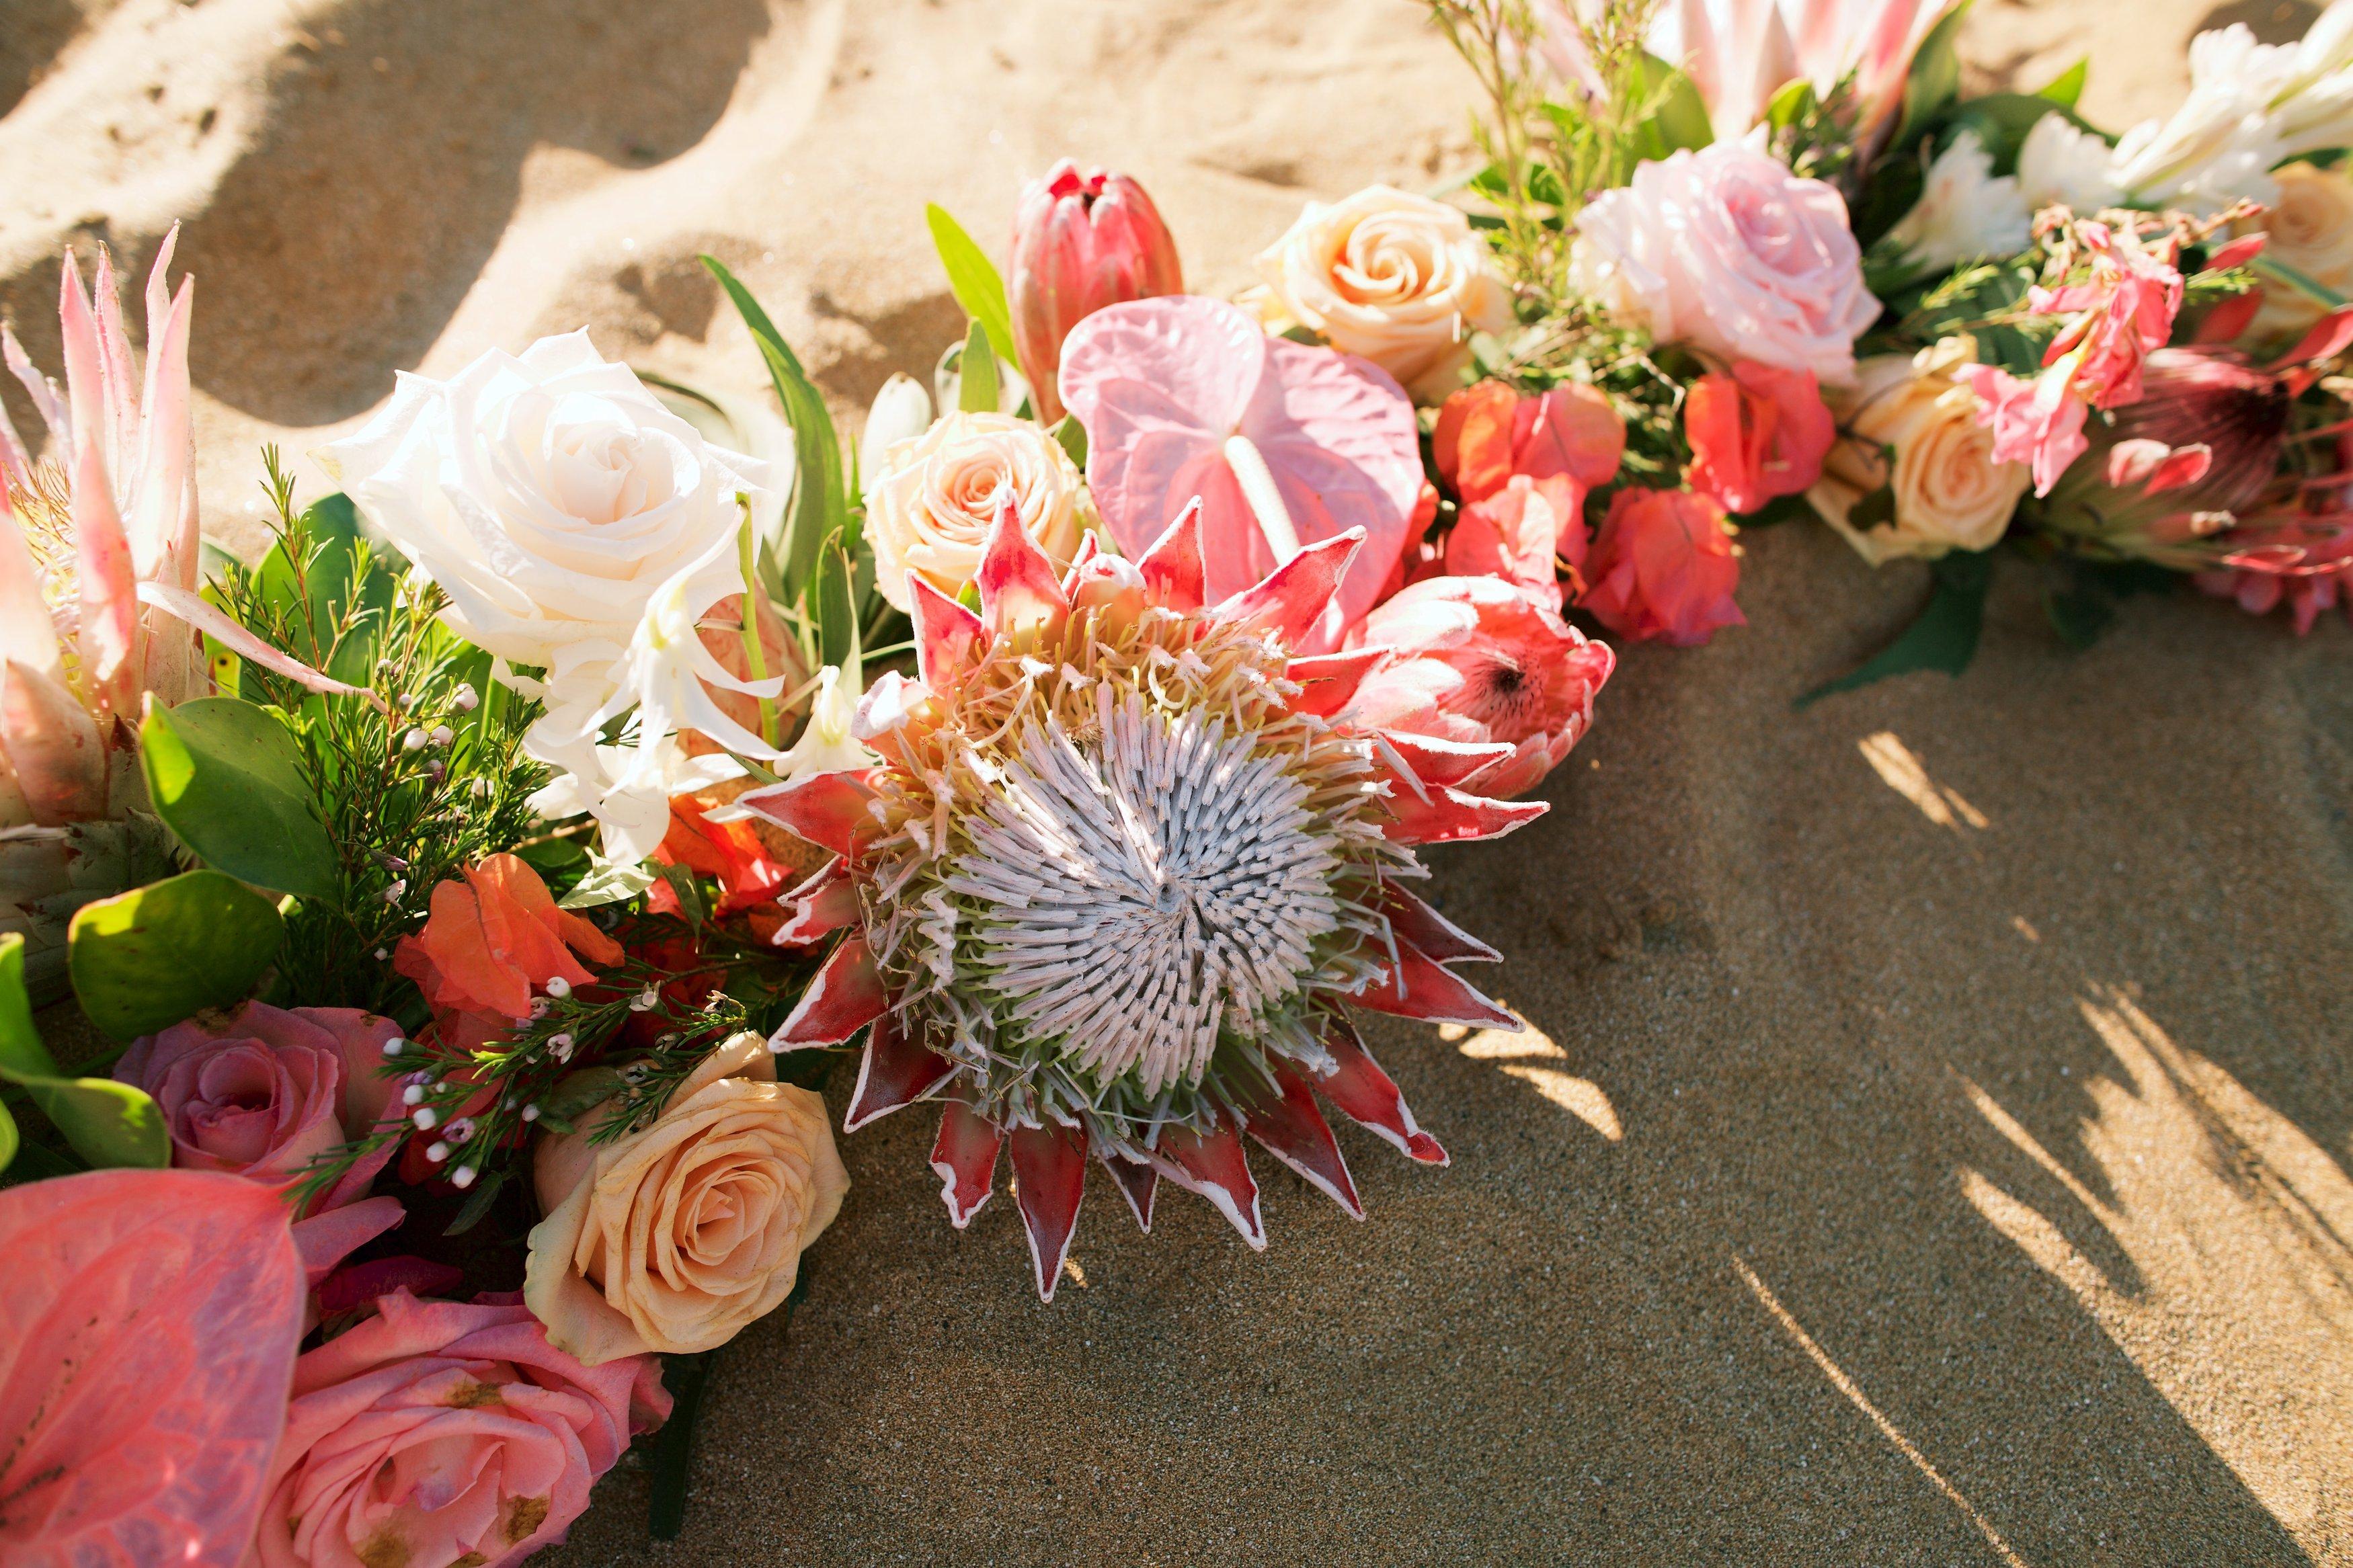 Maui Beach Wedding + Gannon's Reception: Jinny and Adam